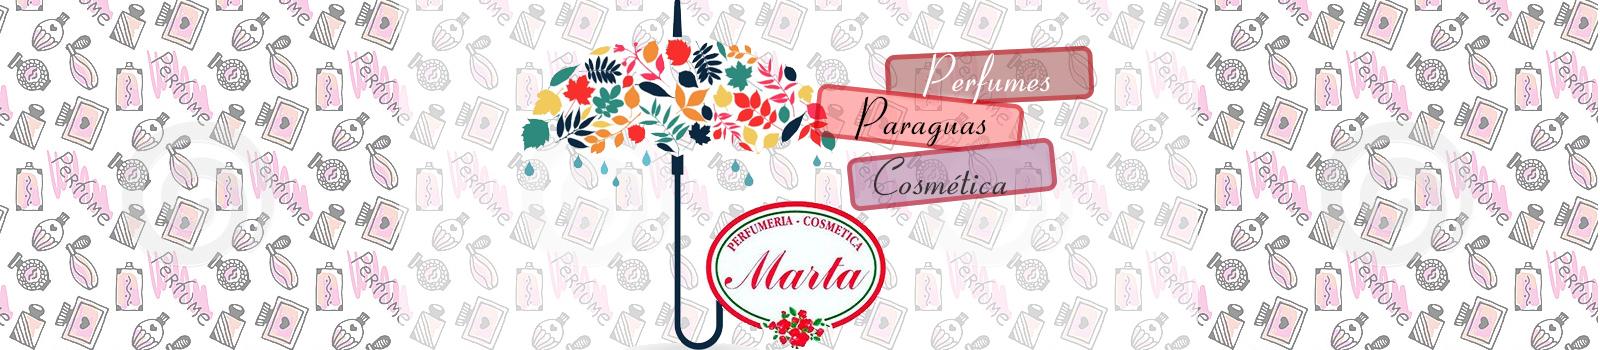 perfumeria en el centro de valladolid,plaza españa,cosmeticos de calidad,mejor tienda de bisuteria